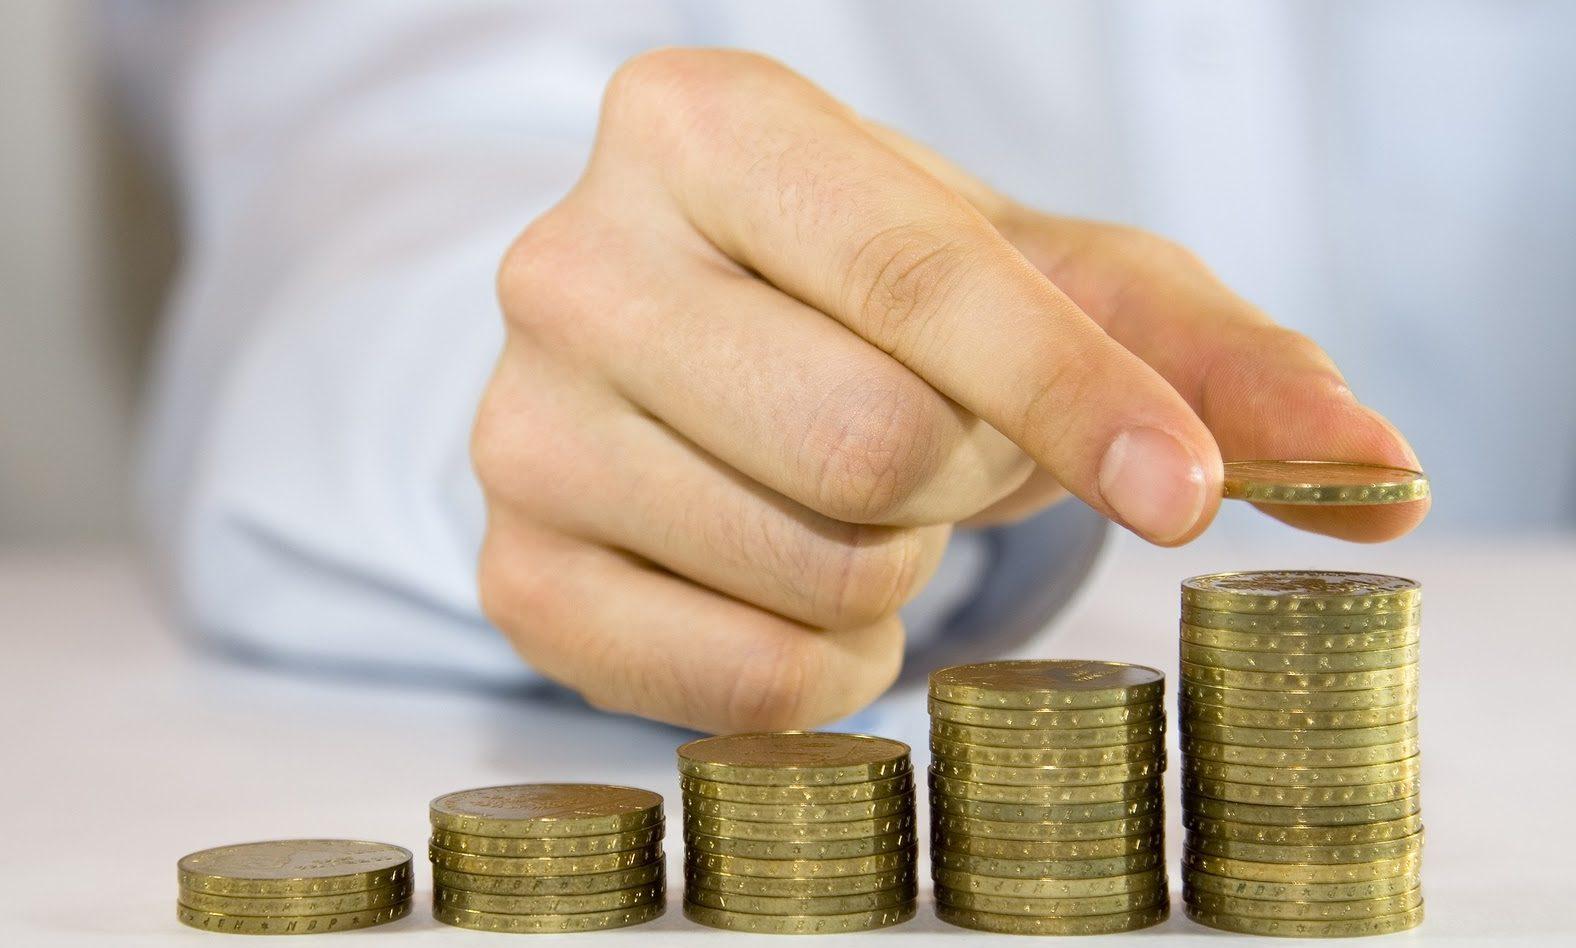 hol lehet még pénzt keresni a főmunkán kívül a szervezet további bevétele